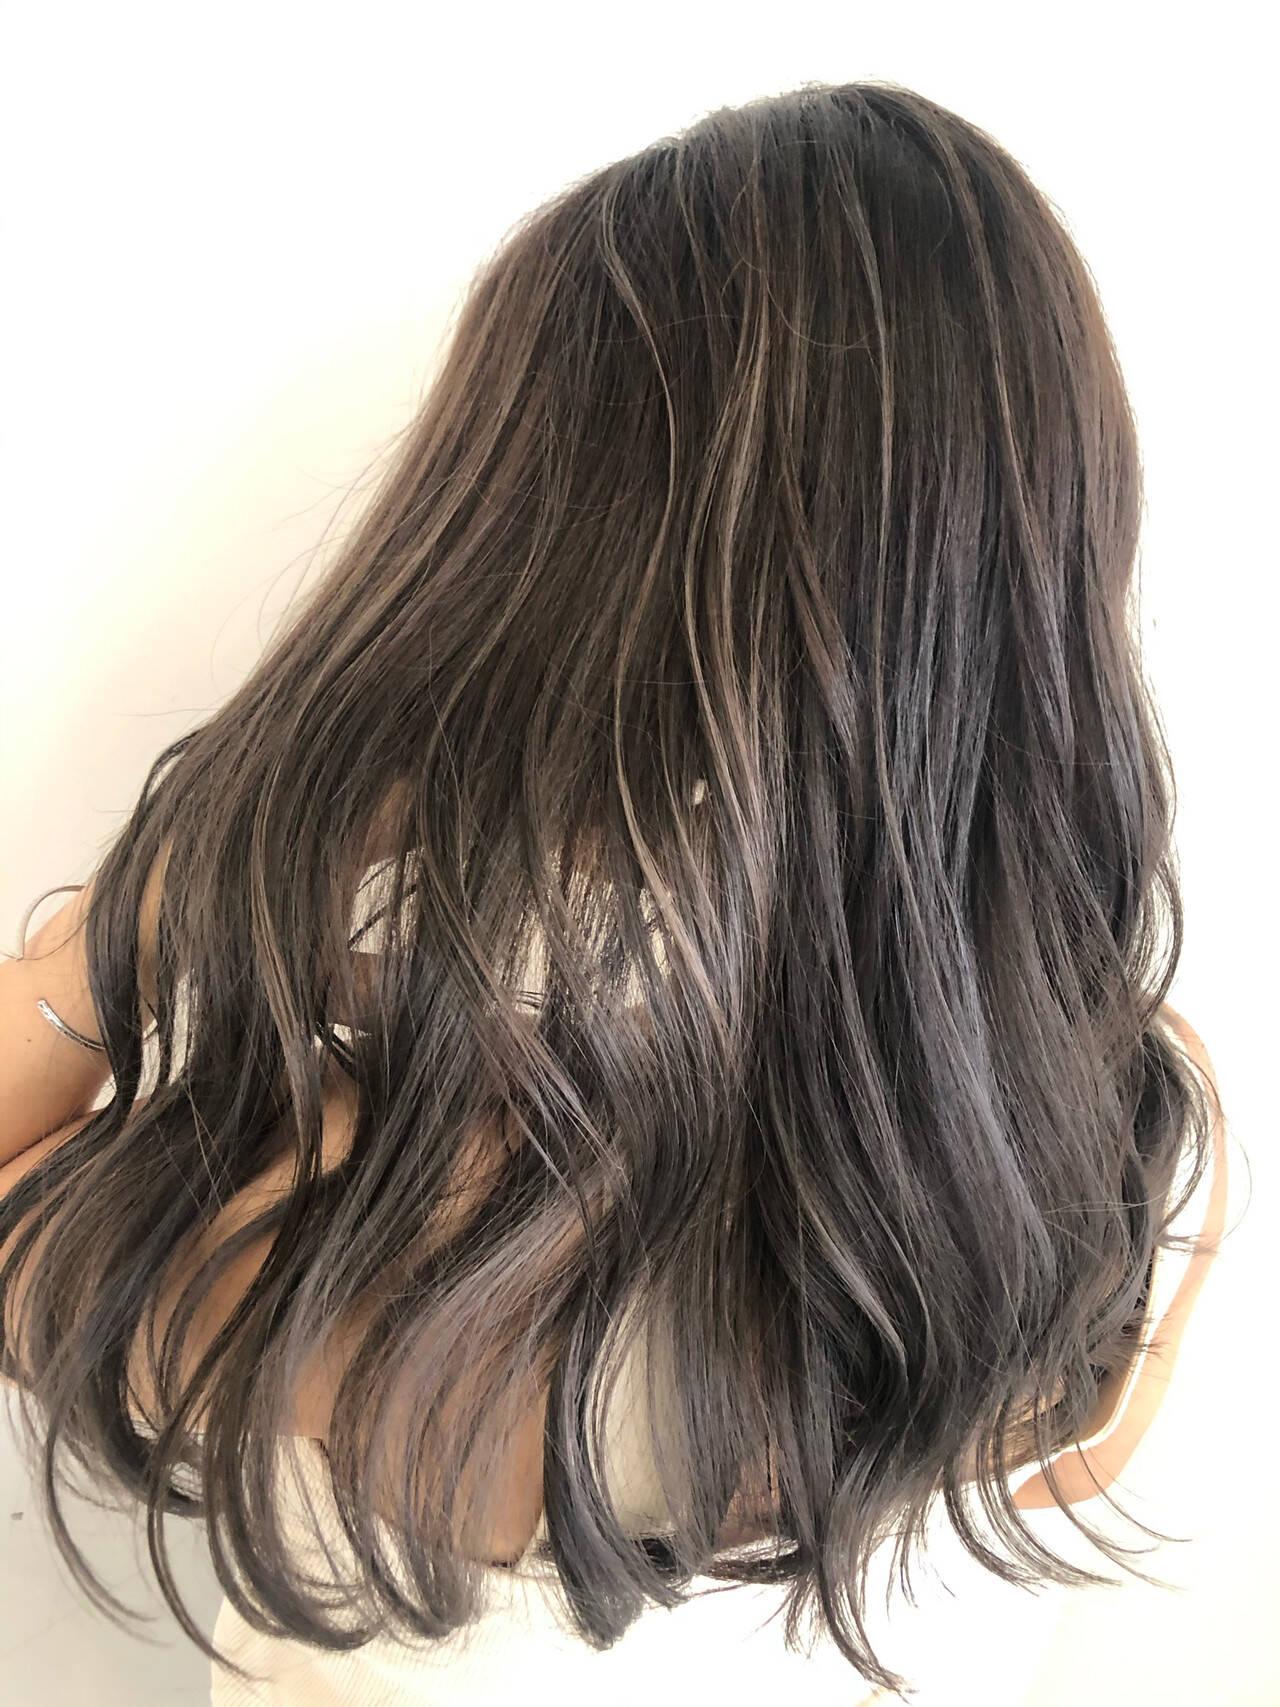 ロング コントラストハイライト ナチュラル グラデーションカラーヘアスタイルや髪型の写真・画像